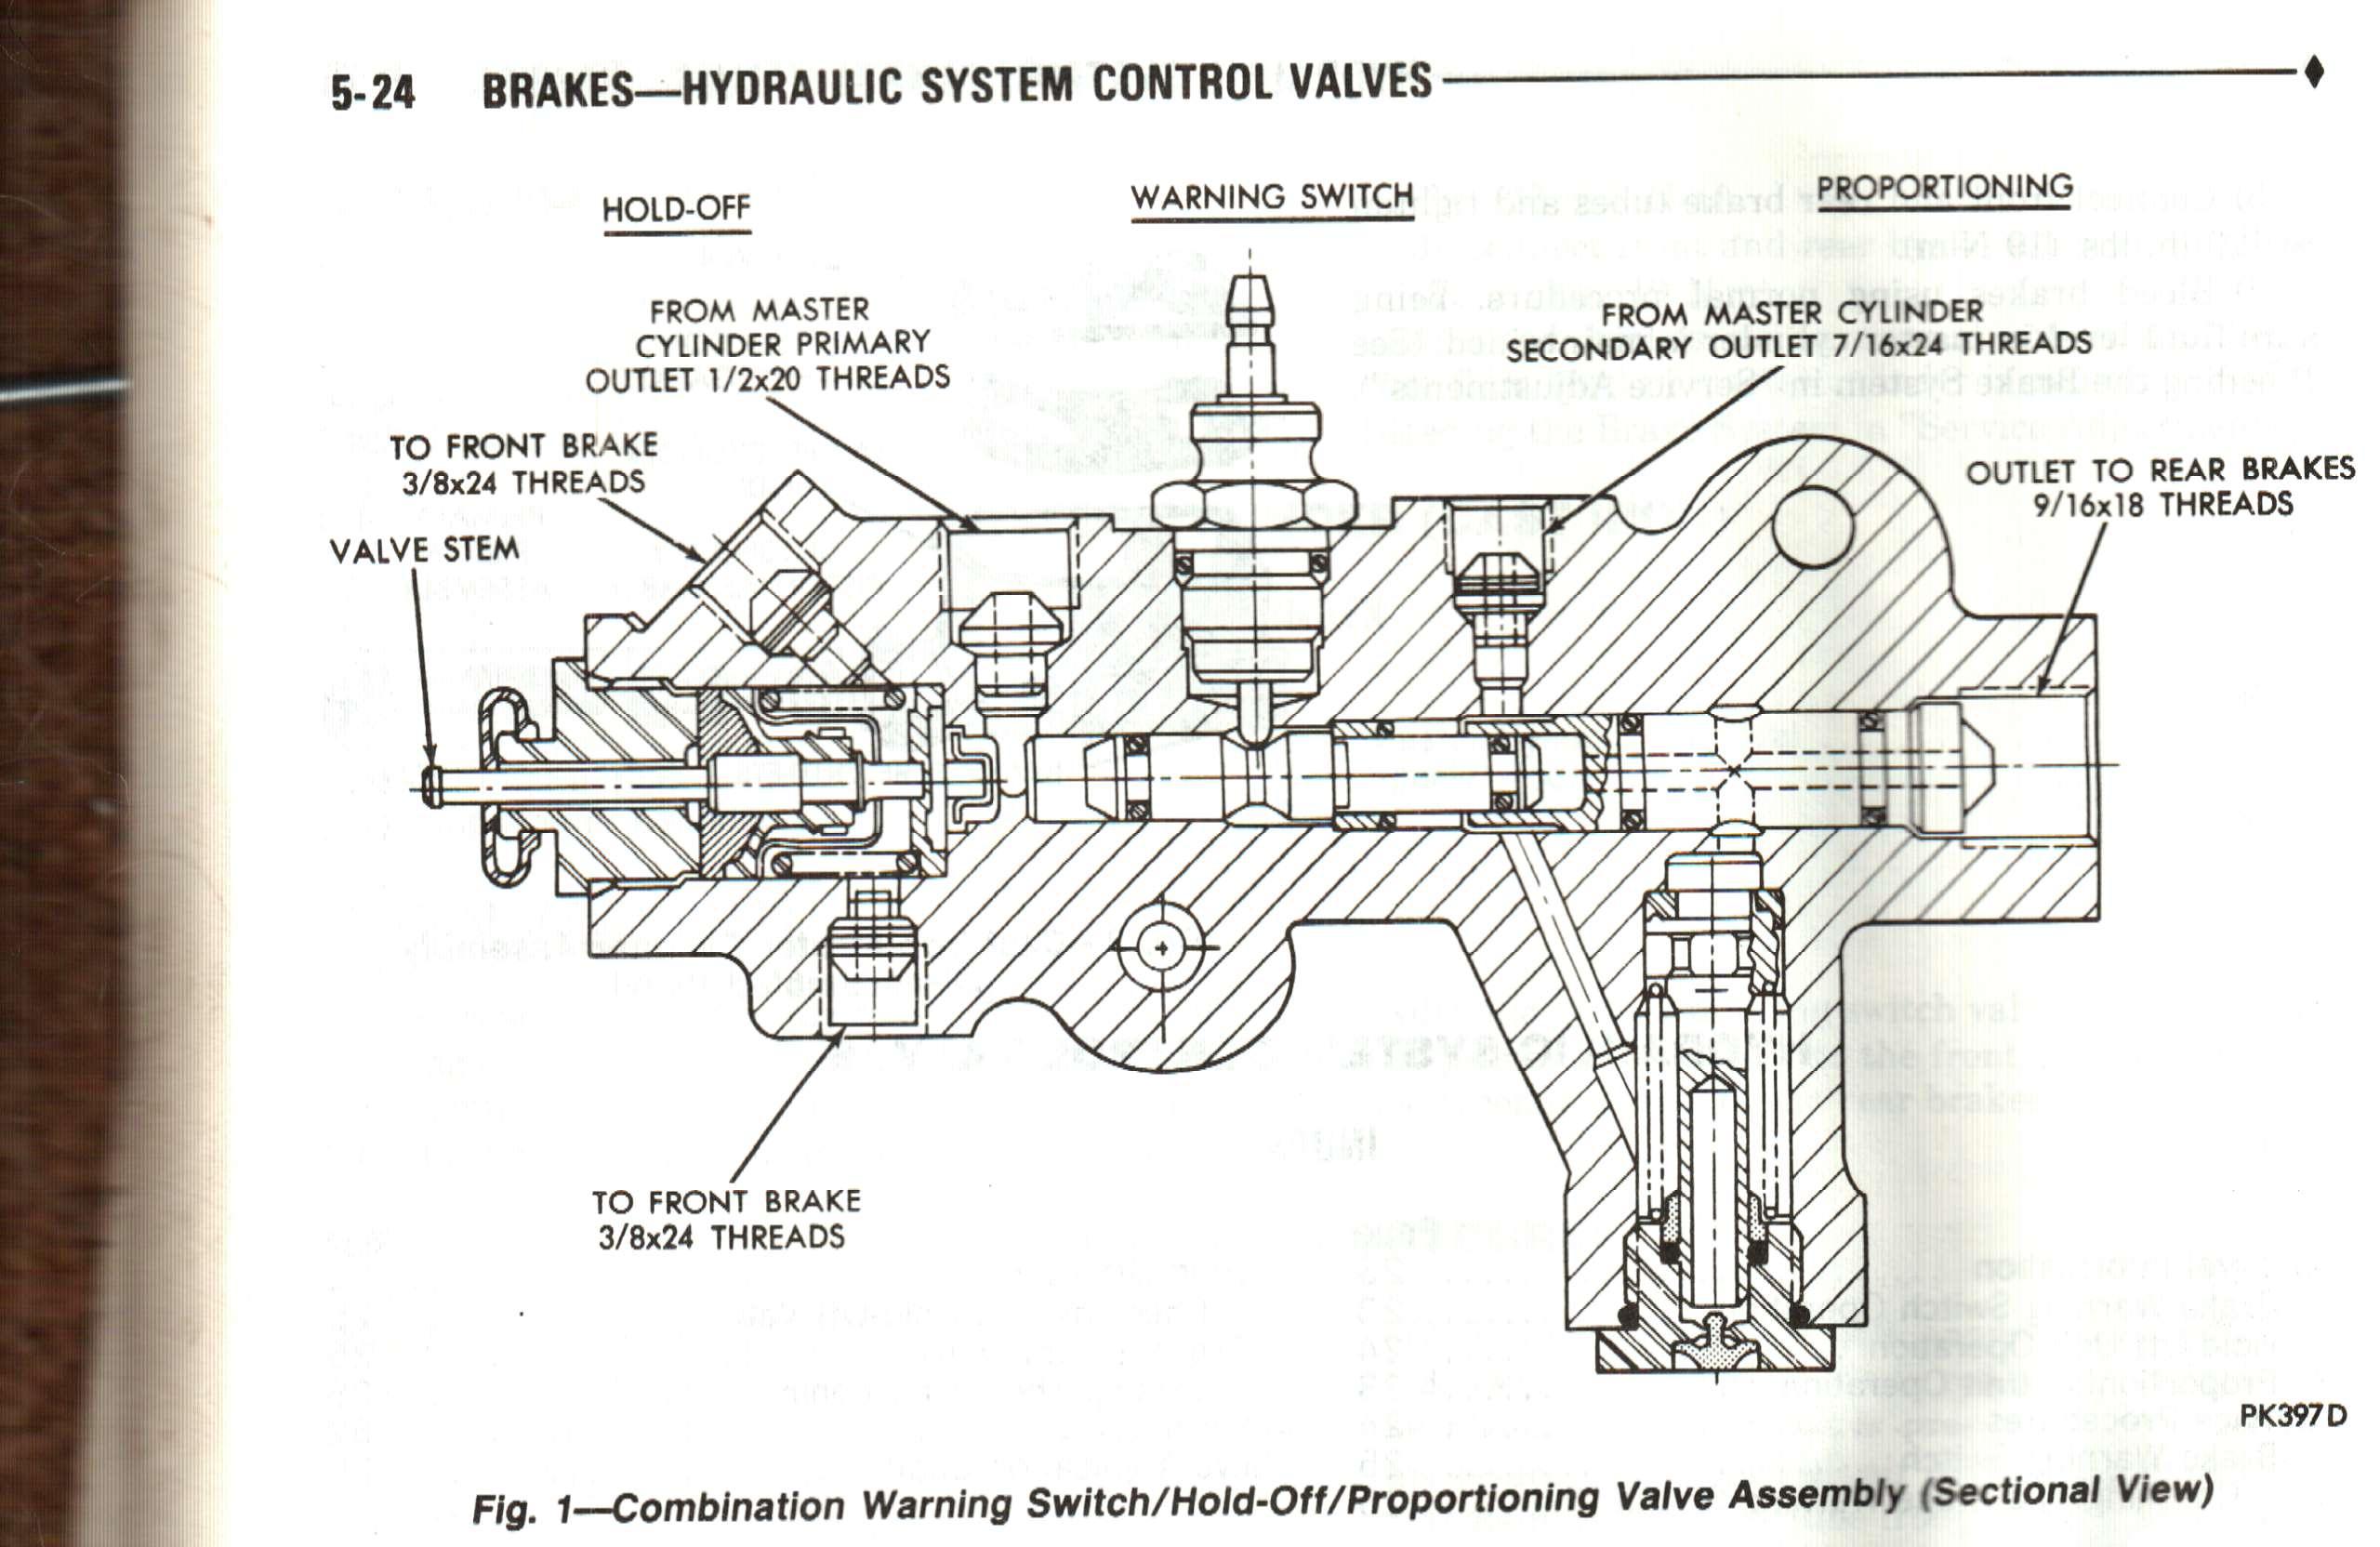 Berühmt 1991 Dodge Truck Schaltplan Bilder - Der Schaltplan ...